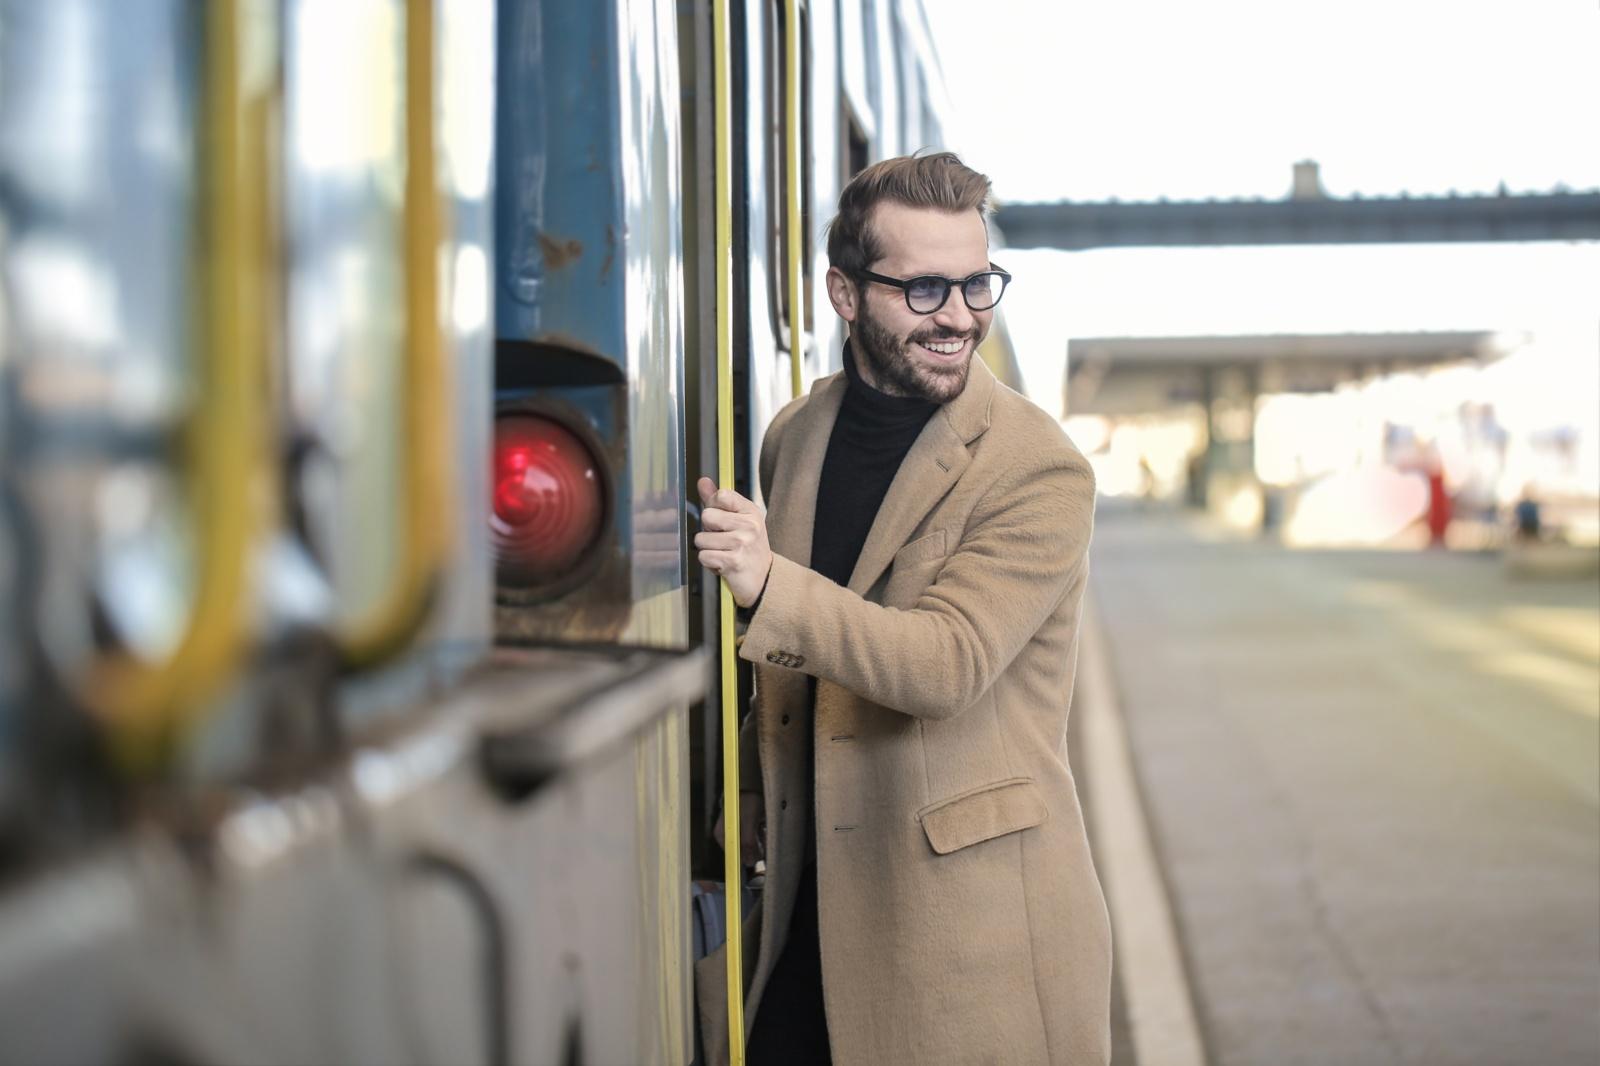 Traukinių į kitus miestus tvarkaraštis